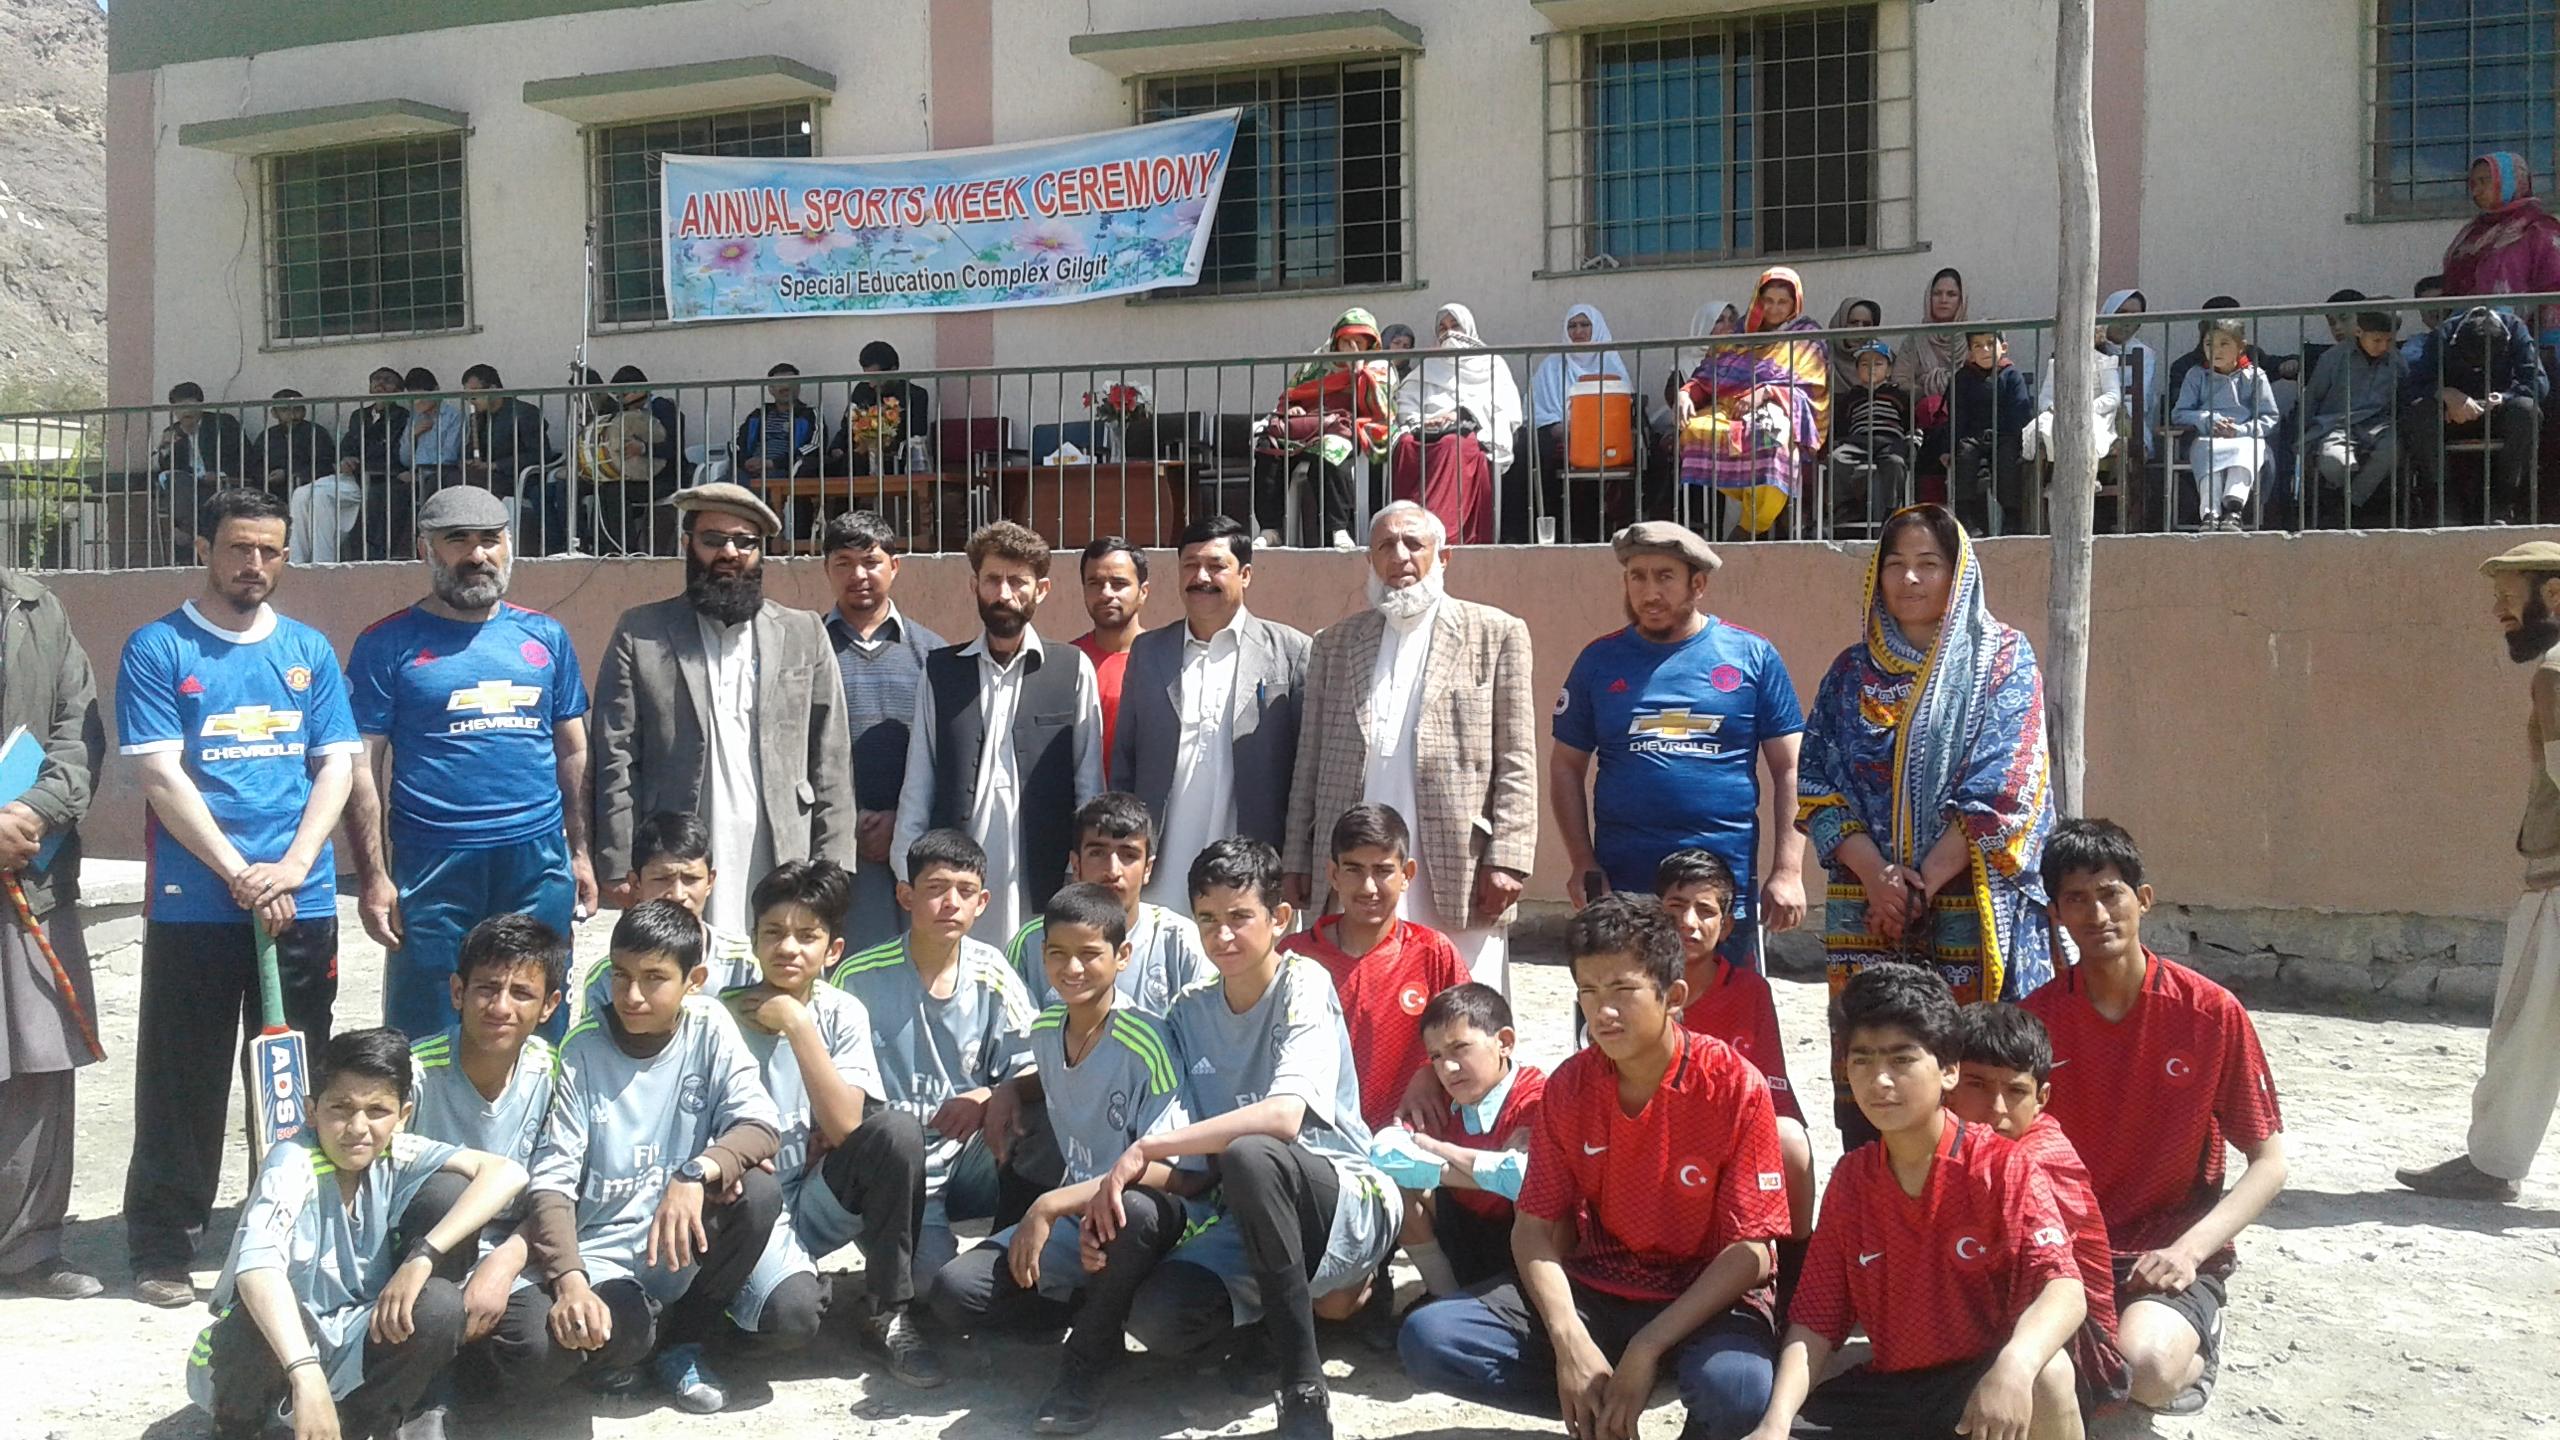 اسپیشل ایجوکیشن کمپلکس گلگت میں اسپورٹس ویک کا آغاز